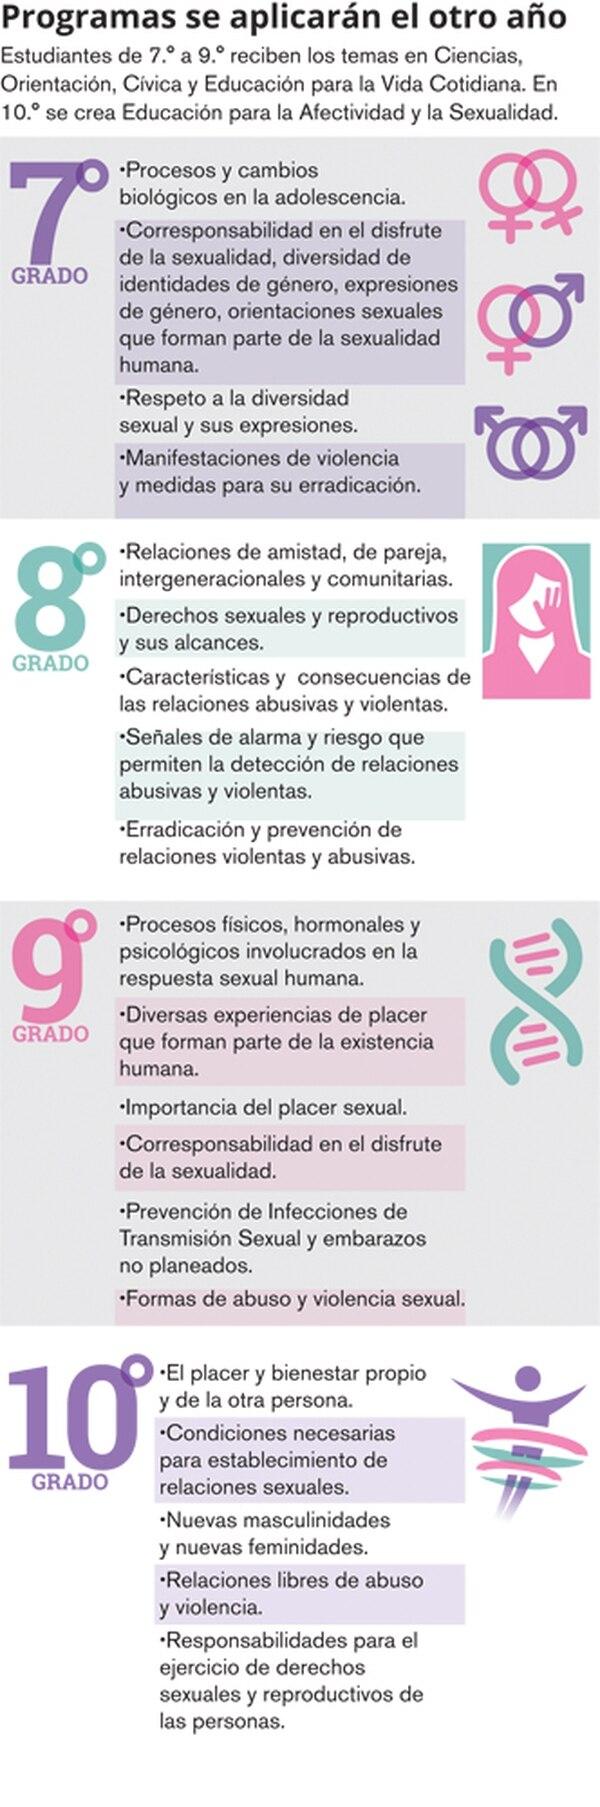 Programas de Afectividad y Sexualidad para el colegio.